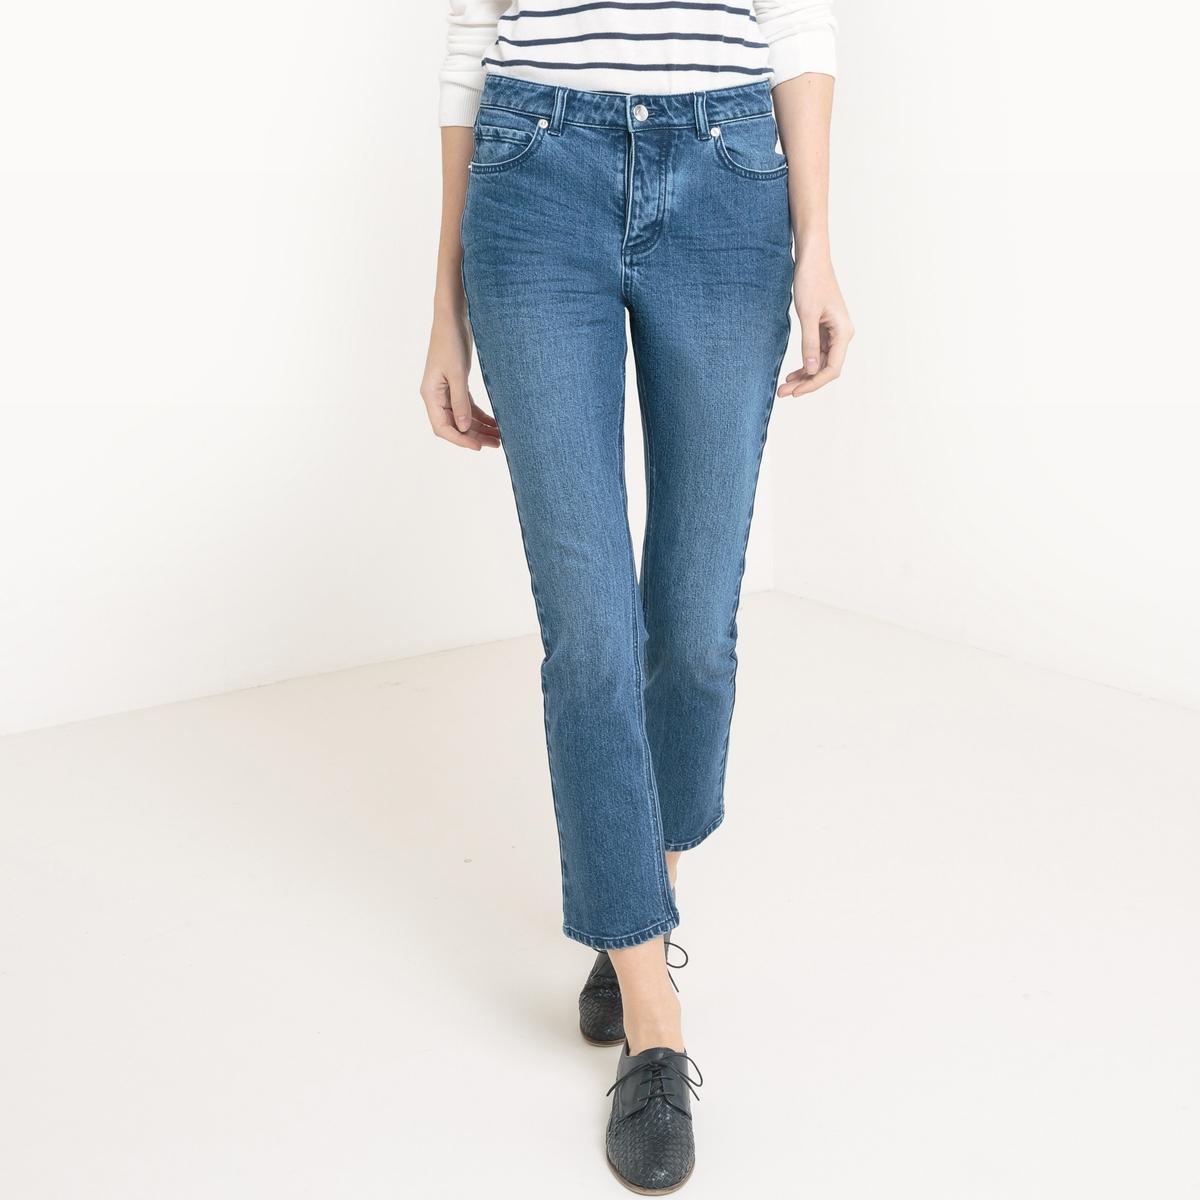 Джинсы укороченныеМатериал : 99% хлопка, 1% эластана                     Высота пояса : стандартная                    Покрой джинсов : стандартный, прямой                    Длина джинсов : длина 32                      Стирка : Машинная стирка при 30 °С в деликатном режиме                    Уход : Сухая чистка и отбеливание запрещены                    Машинная сушка : машинная сушка в умеренном режиме                    Глажка : при средней температуре   Этот товар большемерит, мы рекомендуем вам выбирать его на размер меньше, чем ваш обычный размер, для всех расцветок<br><br>Цвет: выбеленный,синий потертый,черный потертый,экрю<br>Размер: 27 (US) - 42/44 (RUS).25 (US) - 40/42 (RUS).29 (US) - 44/46 (RUS).28 (US) - 44 (RUS).25 (US) - 40/42 (RUS).37 (46/48).30 (US) - 46 (RUS).29 (US) - 44/46 (RUS).26 (US) - 42 (RUS).34 (US) - 50 (RUS).33 (US) - 48/50 (RUS).30 (US) - 46 (RUS)